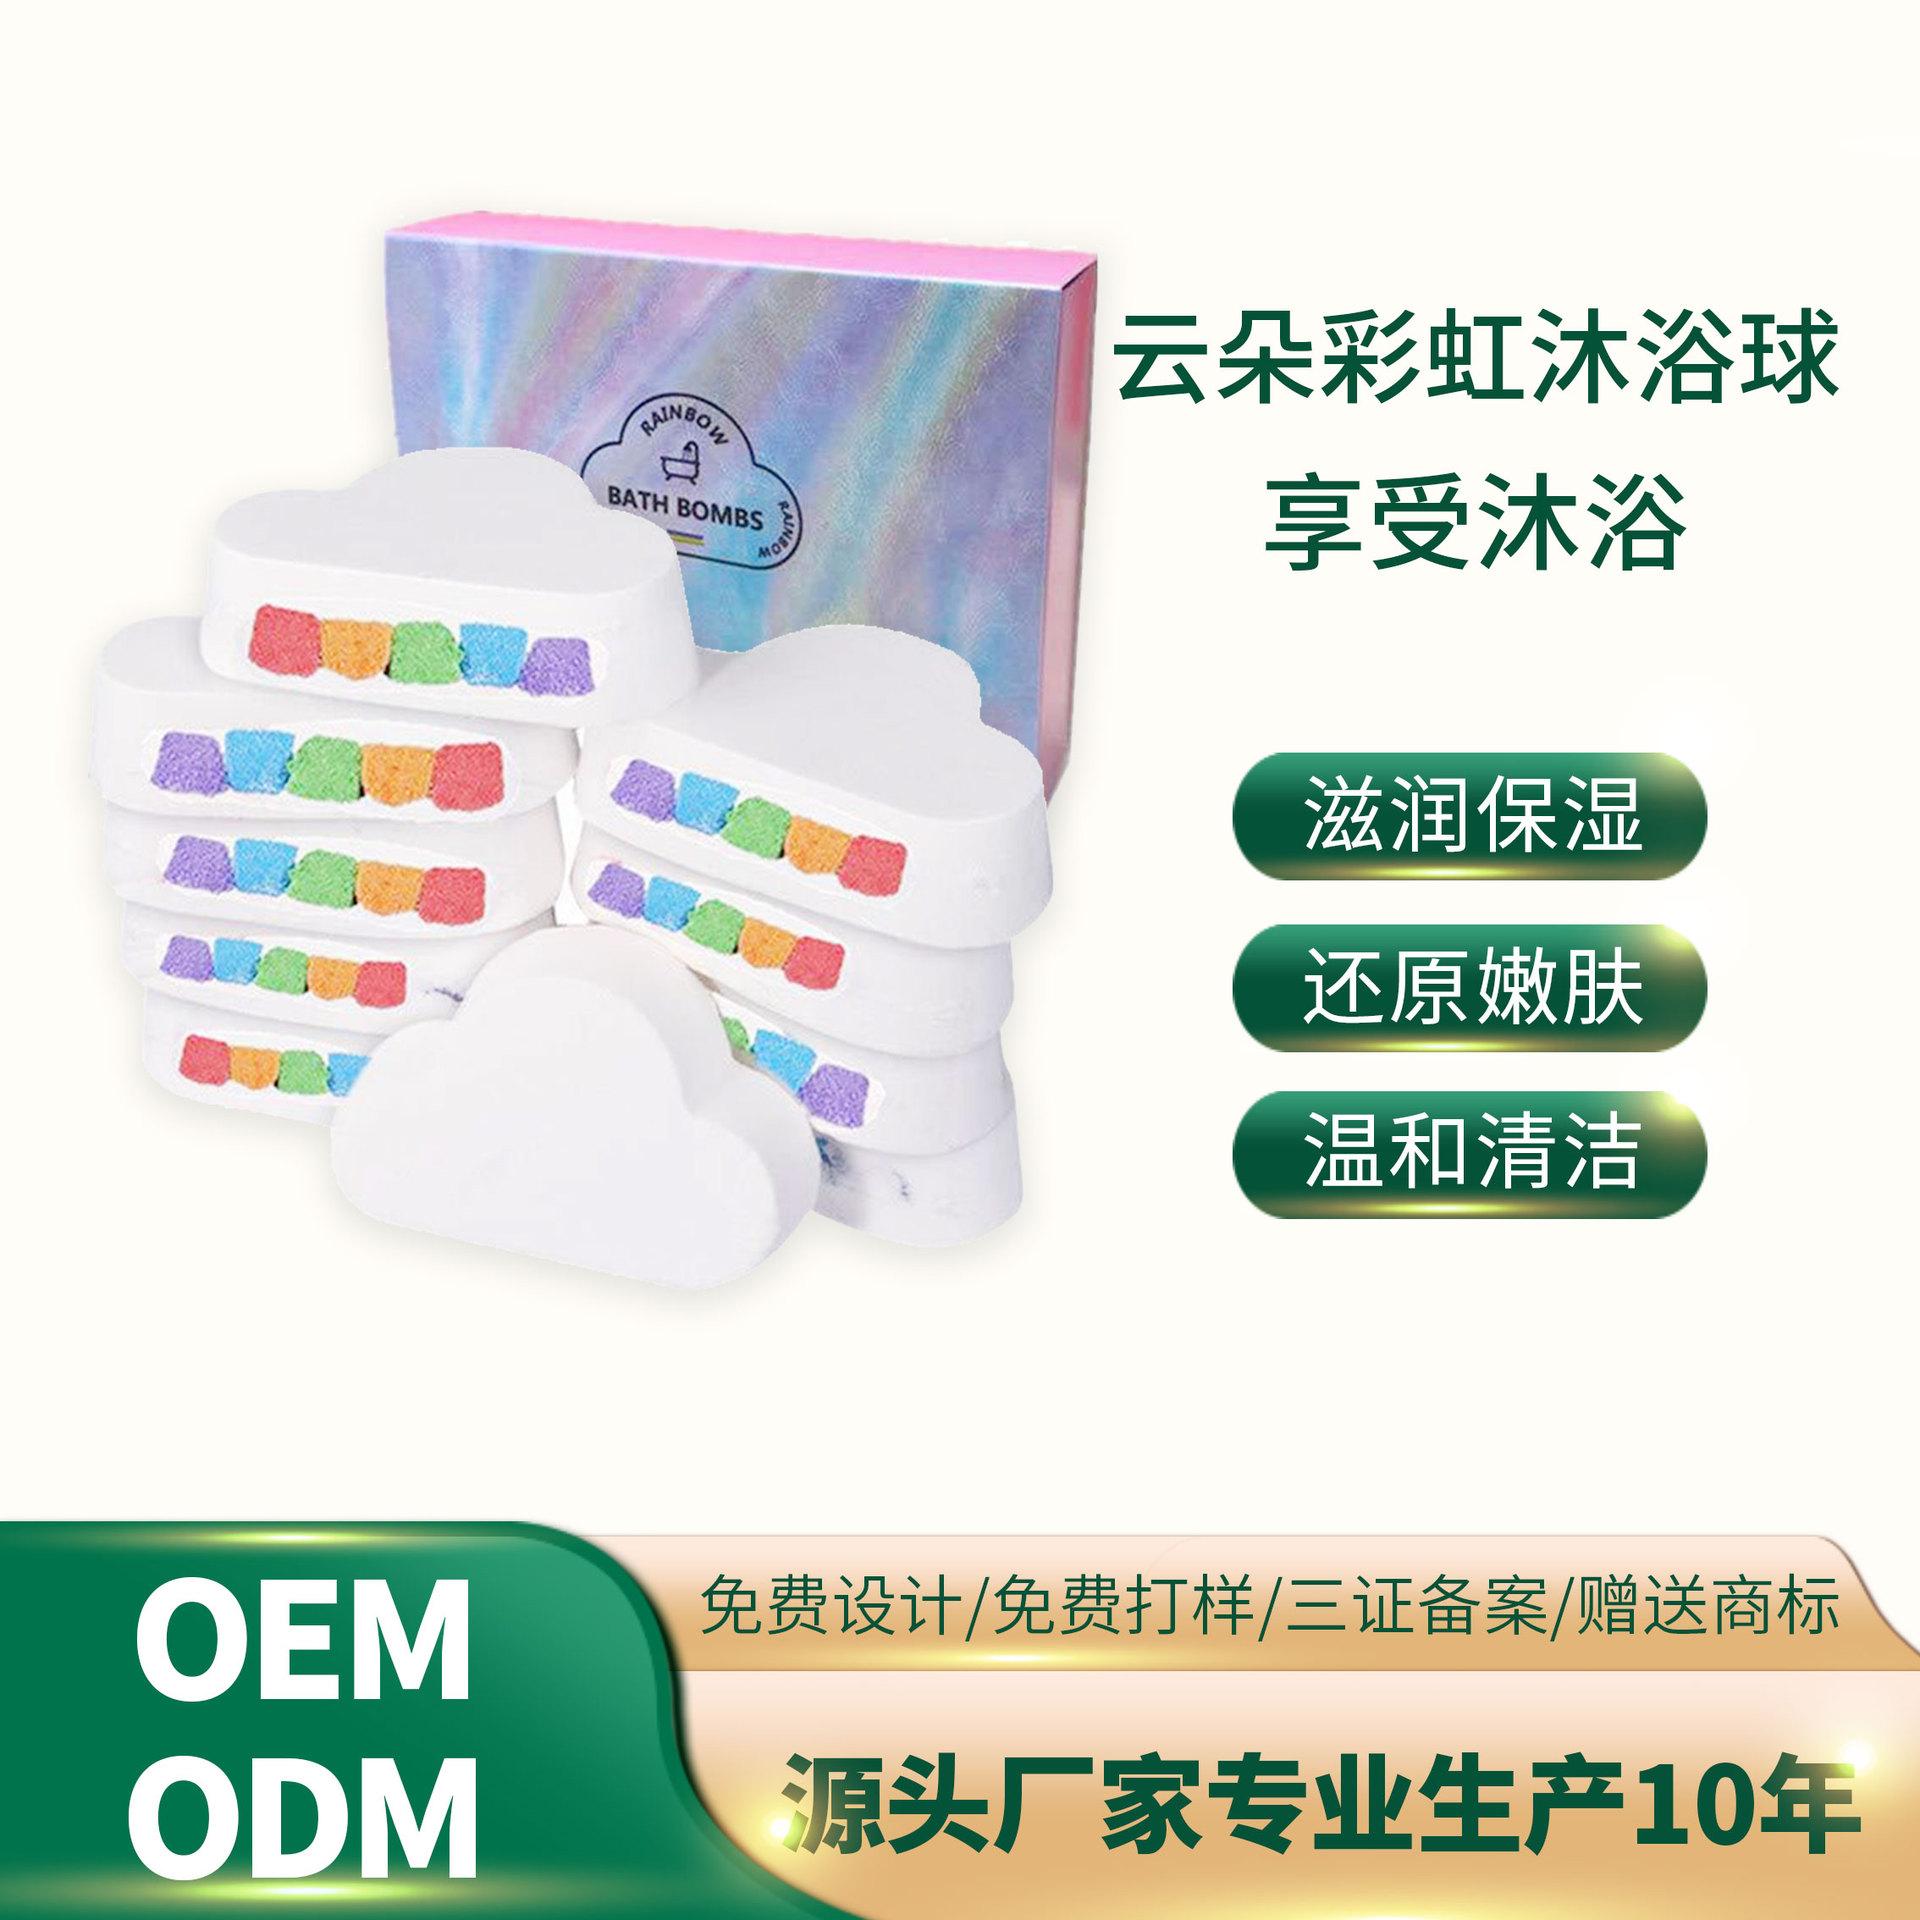 抖音同款 彩虹泡泡沐浴盐 礼盒包装彩虹爆炸沐浴球 一件代发 OEM